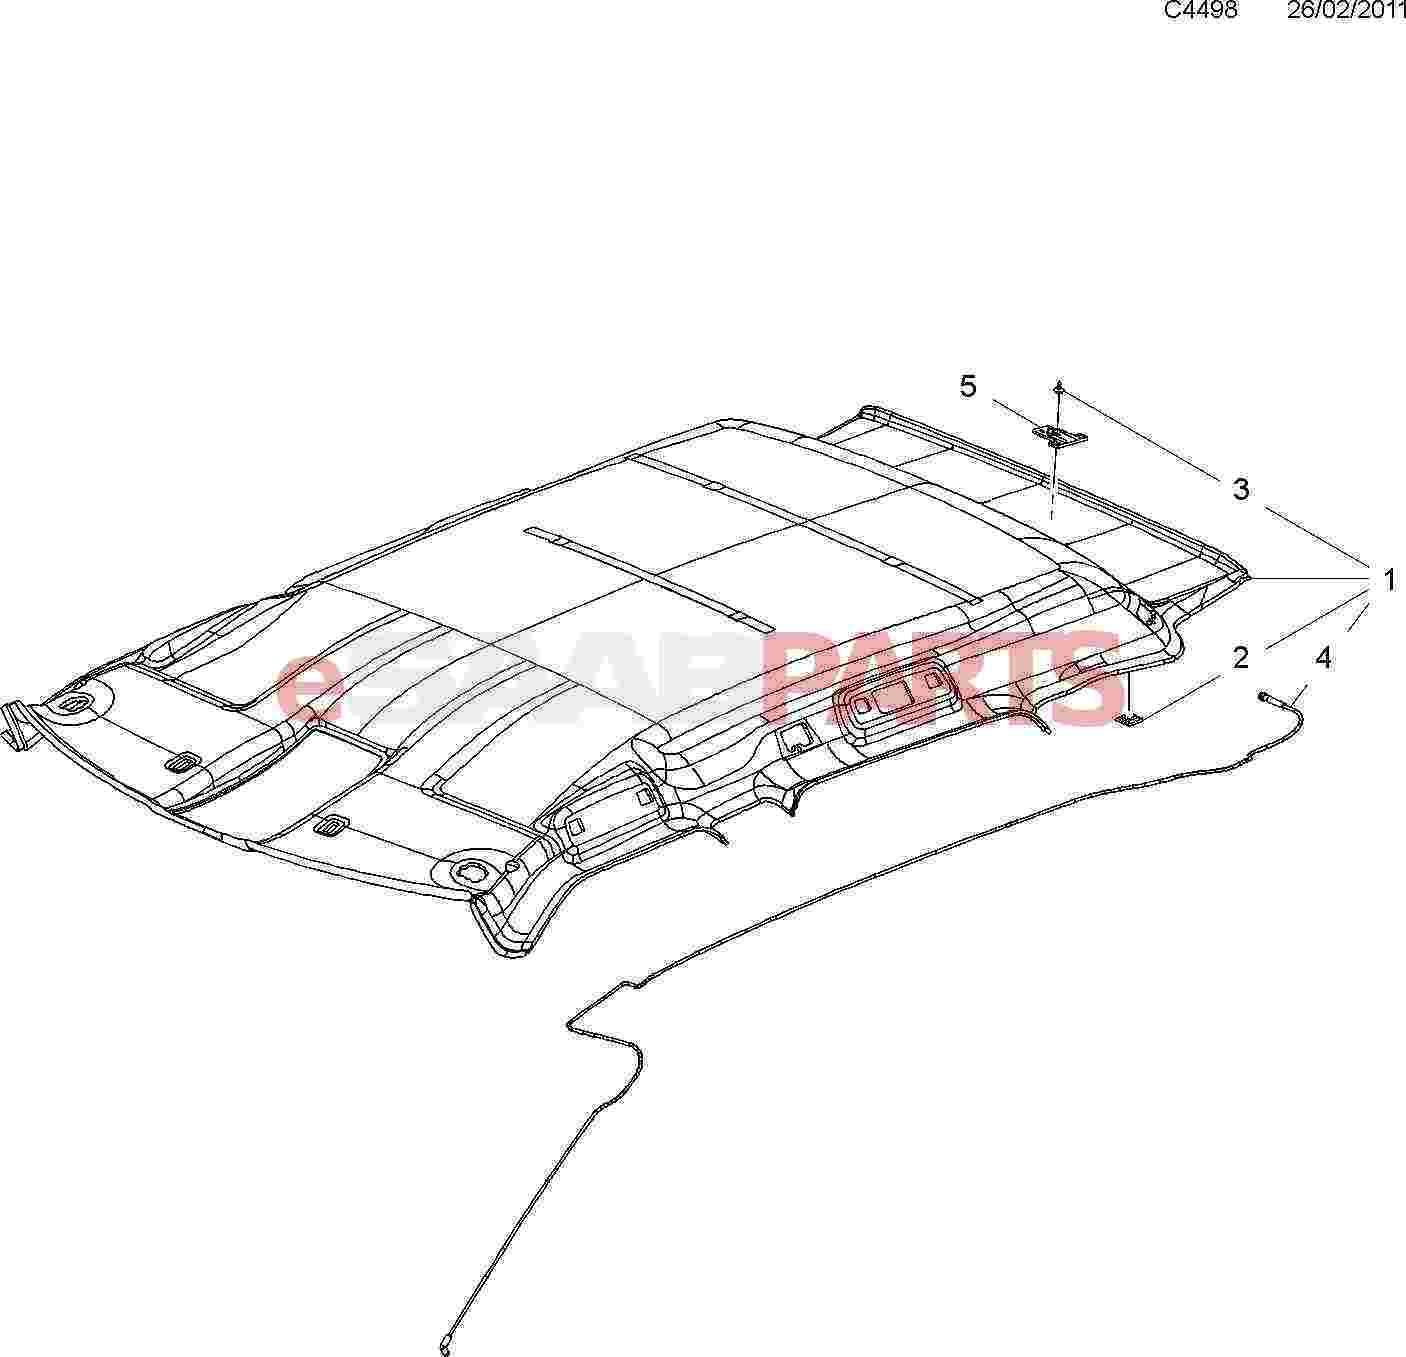 eSaabParts com - Saab 9-4X (168) > Car Body: Internal Parts